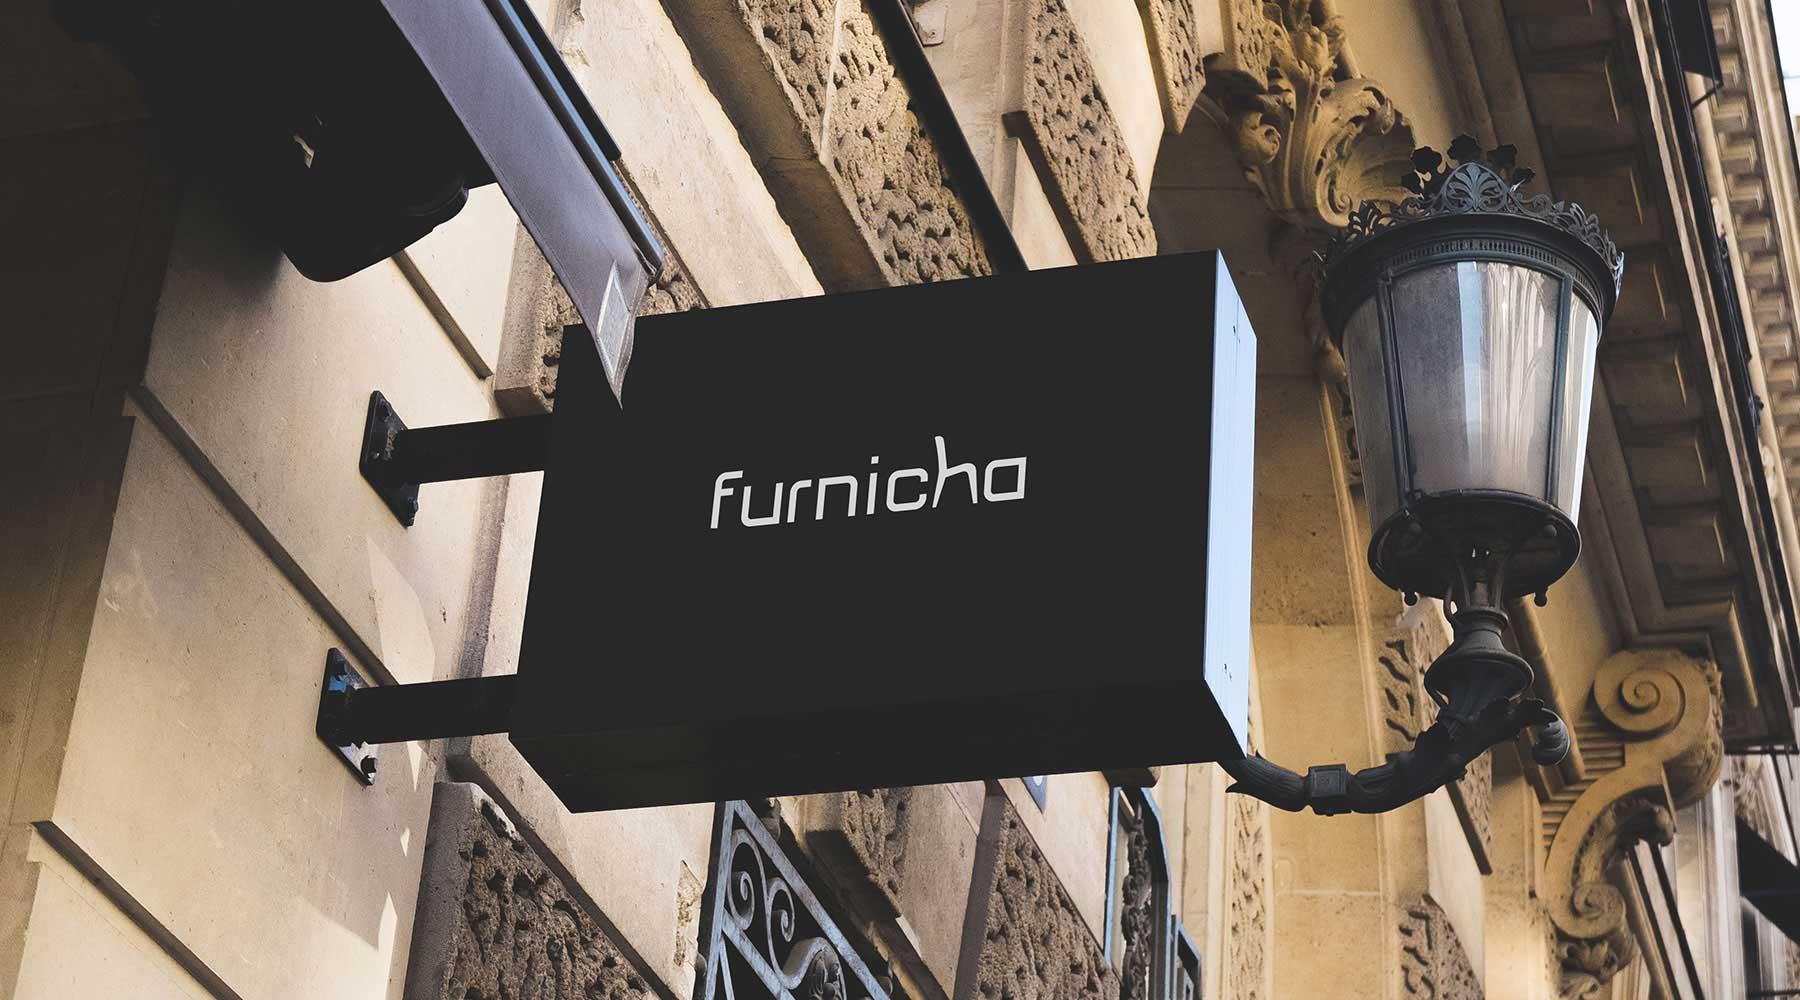 furnicha office furnitures logo tasarımı eskişehir